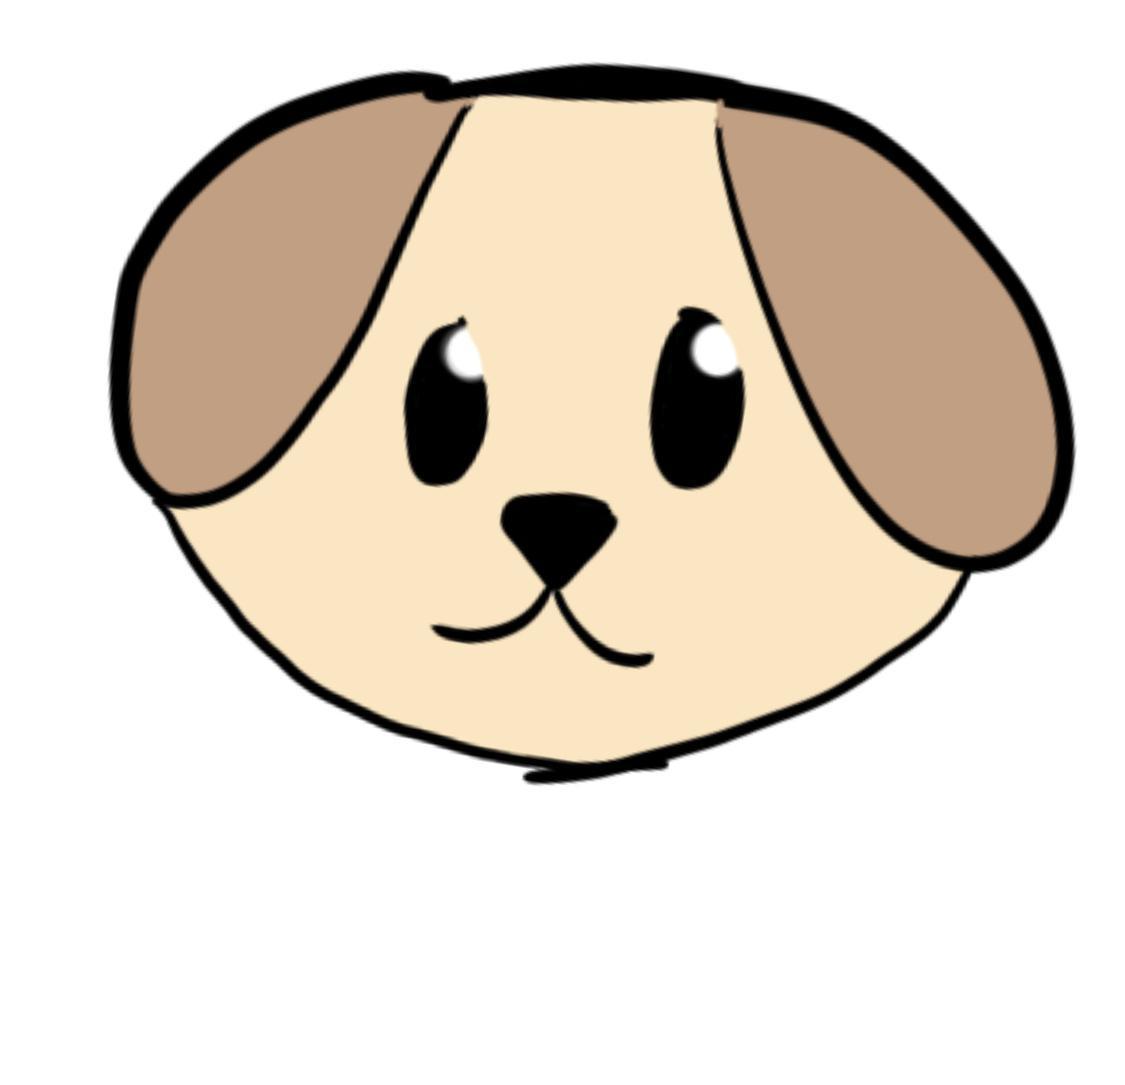 動物、ペットのイラストをゆるく描きます ゆるゆるな絵、自分のペットをイラストに